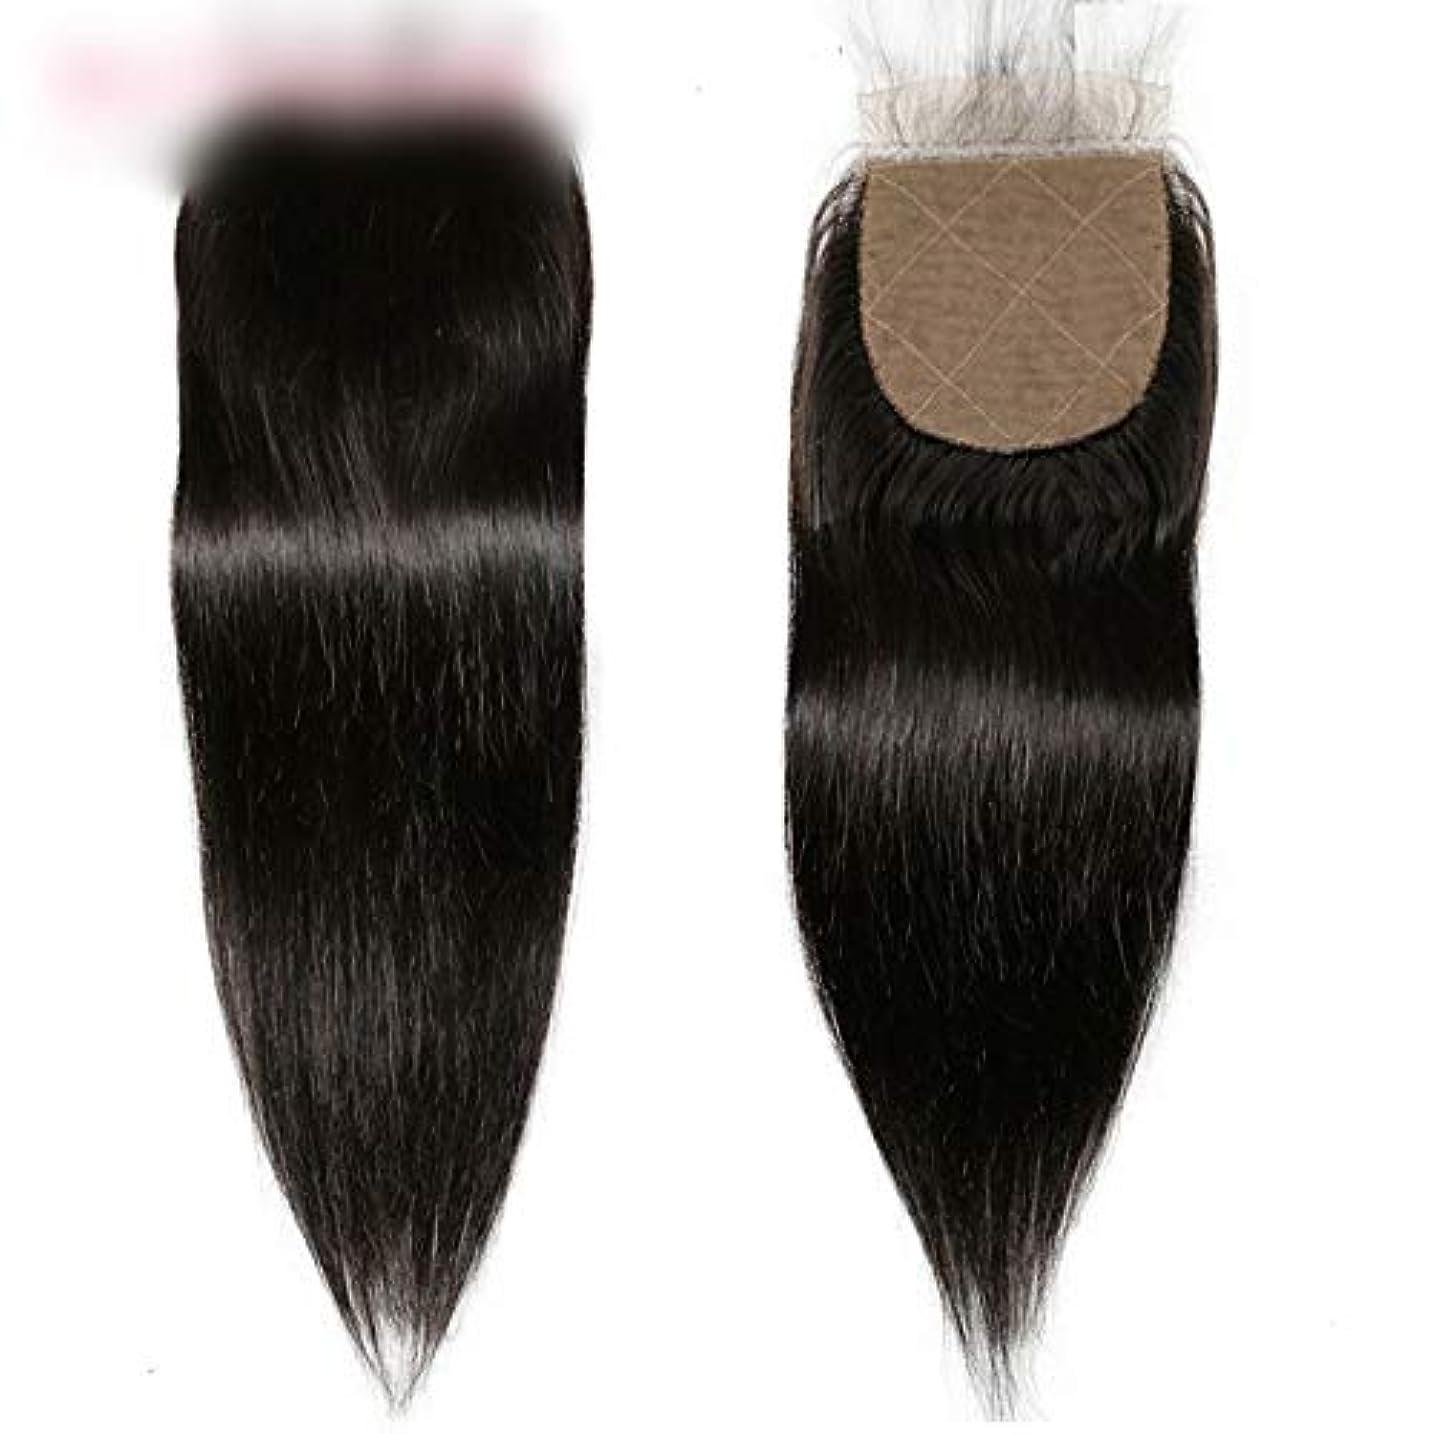 ヒステリック牧草地紳士気取りの、きざなHOHYLLYA ブラジルのストレートの髪の束と閉鎖未処理の人間の髪の毛のレースの閉鎖ナチュラルカラーの髪の合成毛髪のレースのかつらロールプレイングウィッグロングとショートの女性自然 (色 : 黒, サイズ : 20 inch)